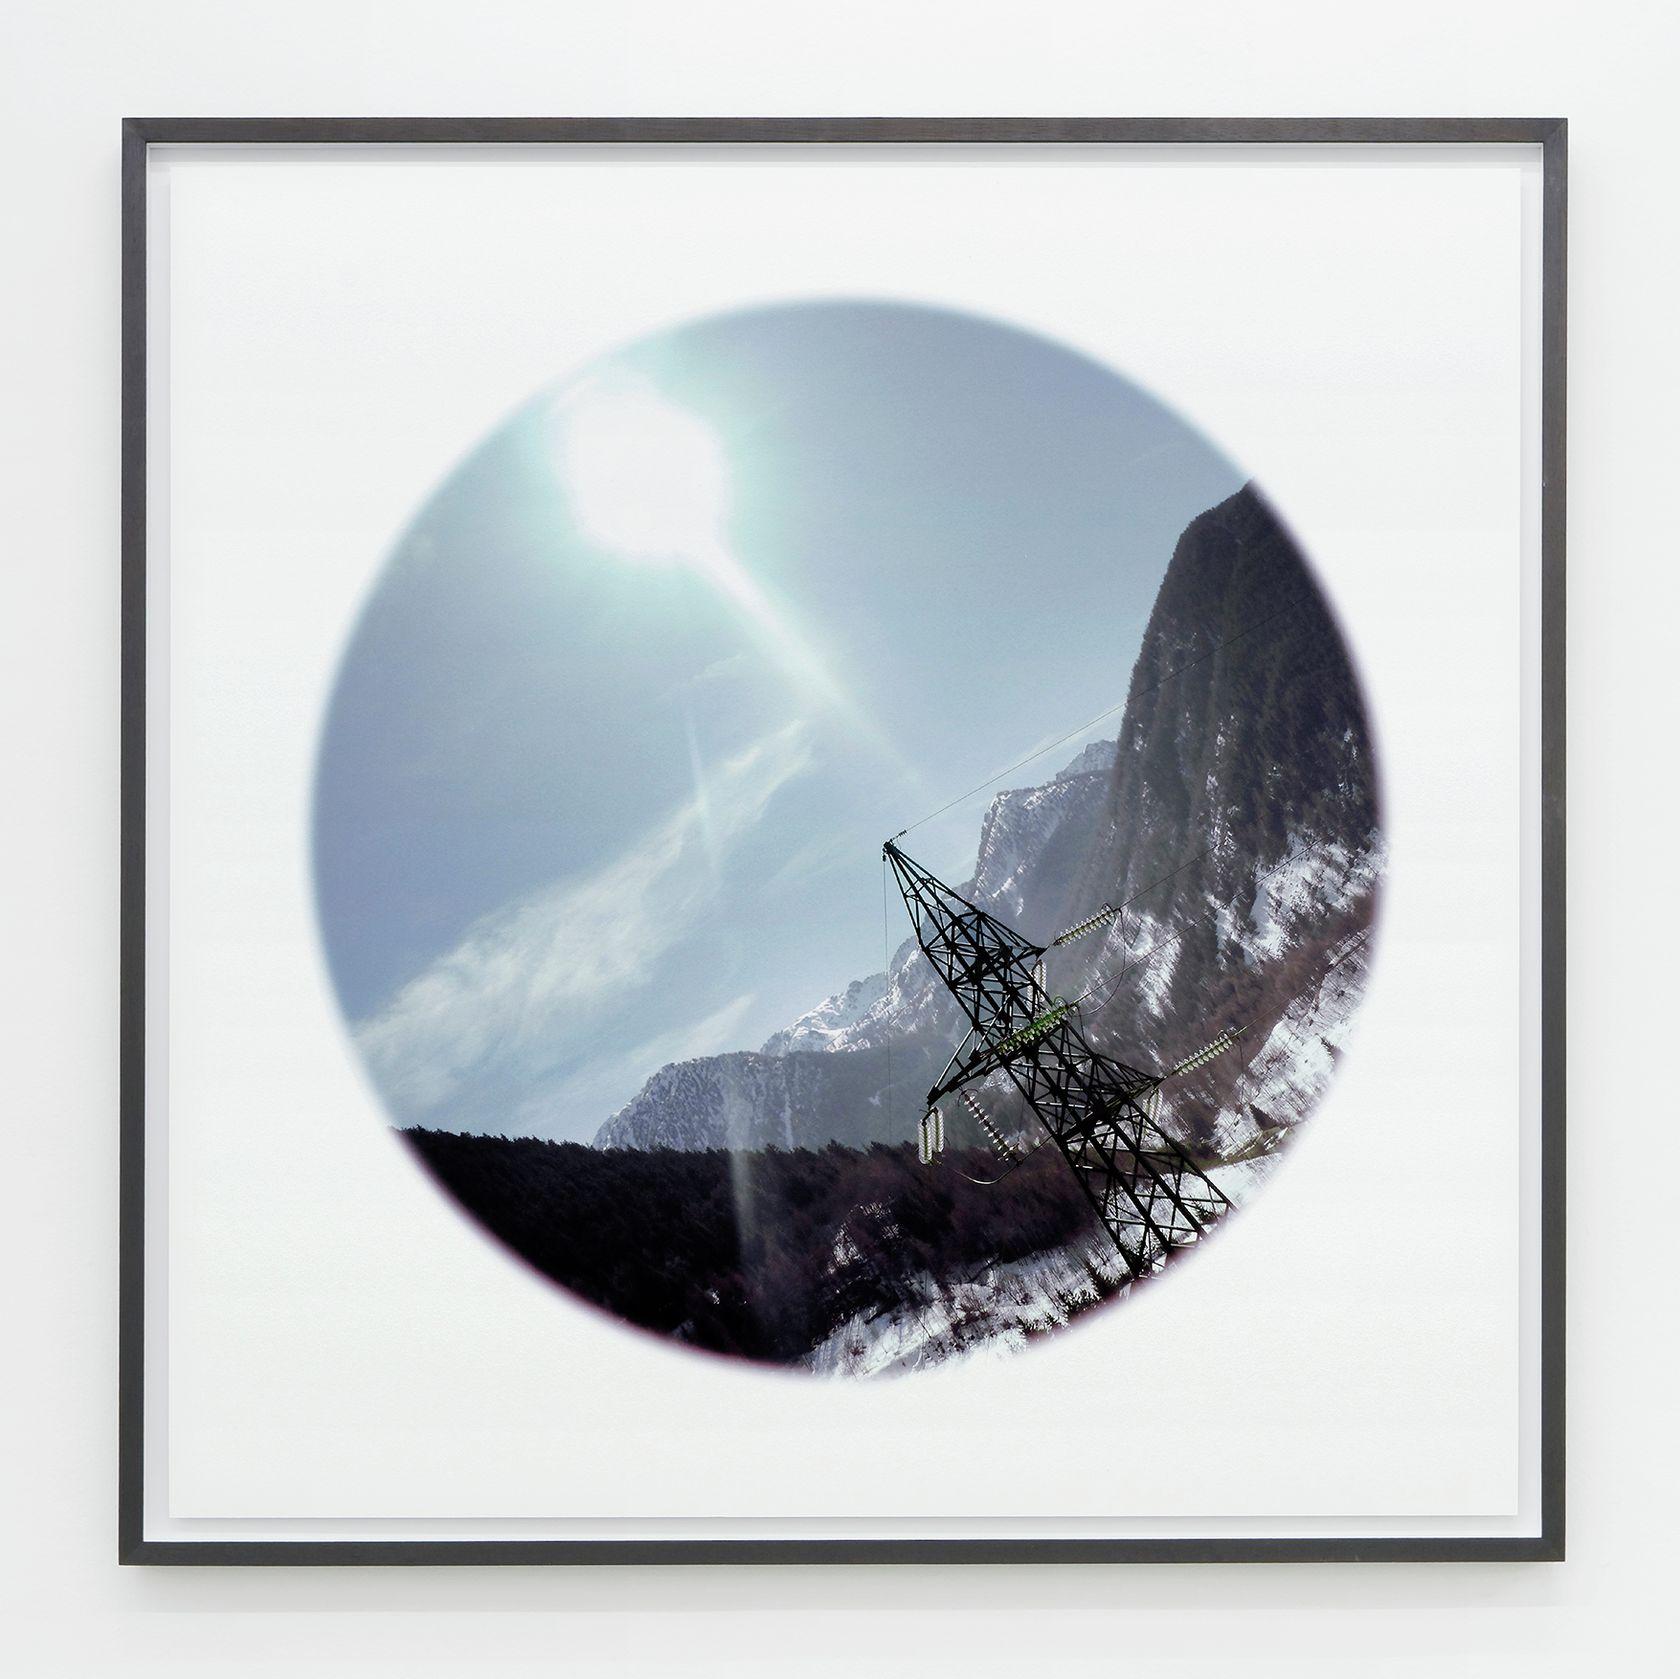 Abraham Poincheval, Gyrovague - Saison II, 2011 - 2012 Tirage pigmentaire sur papier coton contrecollé sur aluminium110 × 110 cm / 43 2/8 × 43 2/8 in.